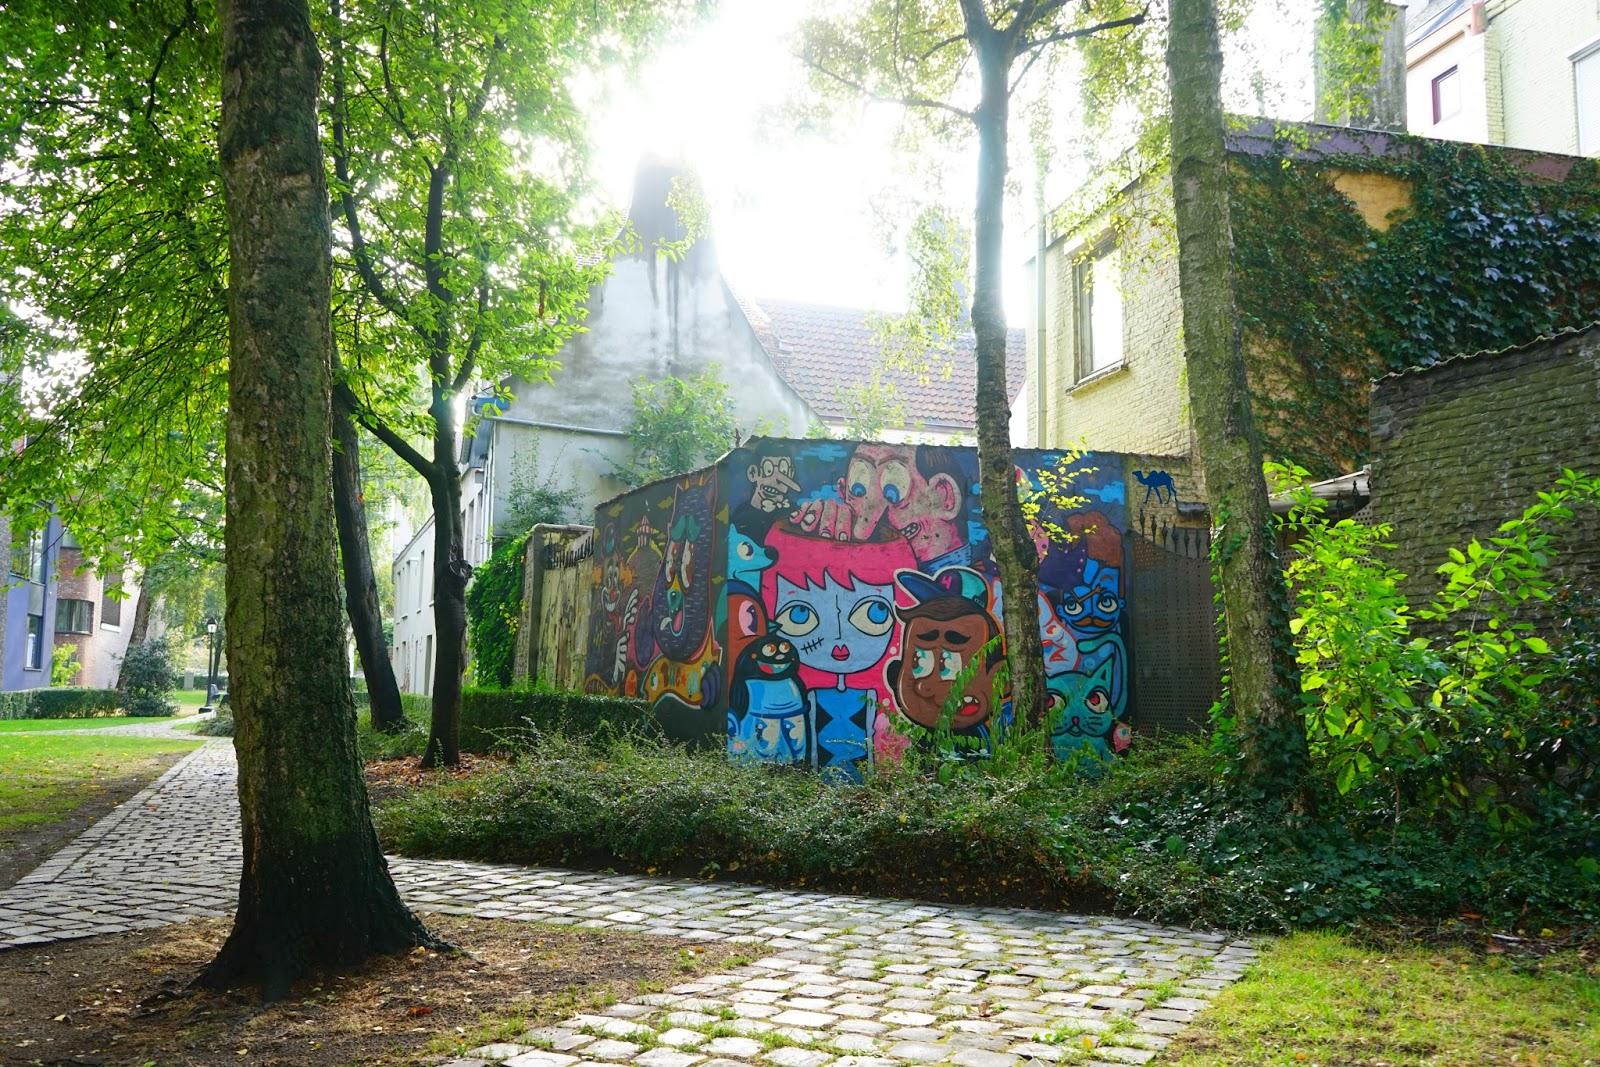 Le Chameau Bleu - Blog Voyage Gand Belgique - Street Art à Gand dans la lumière du matin en Belgique